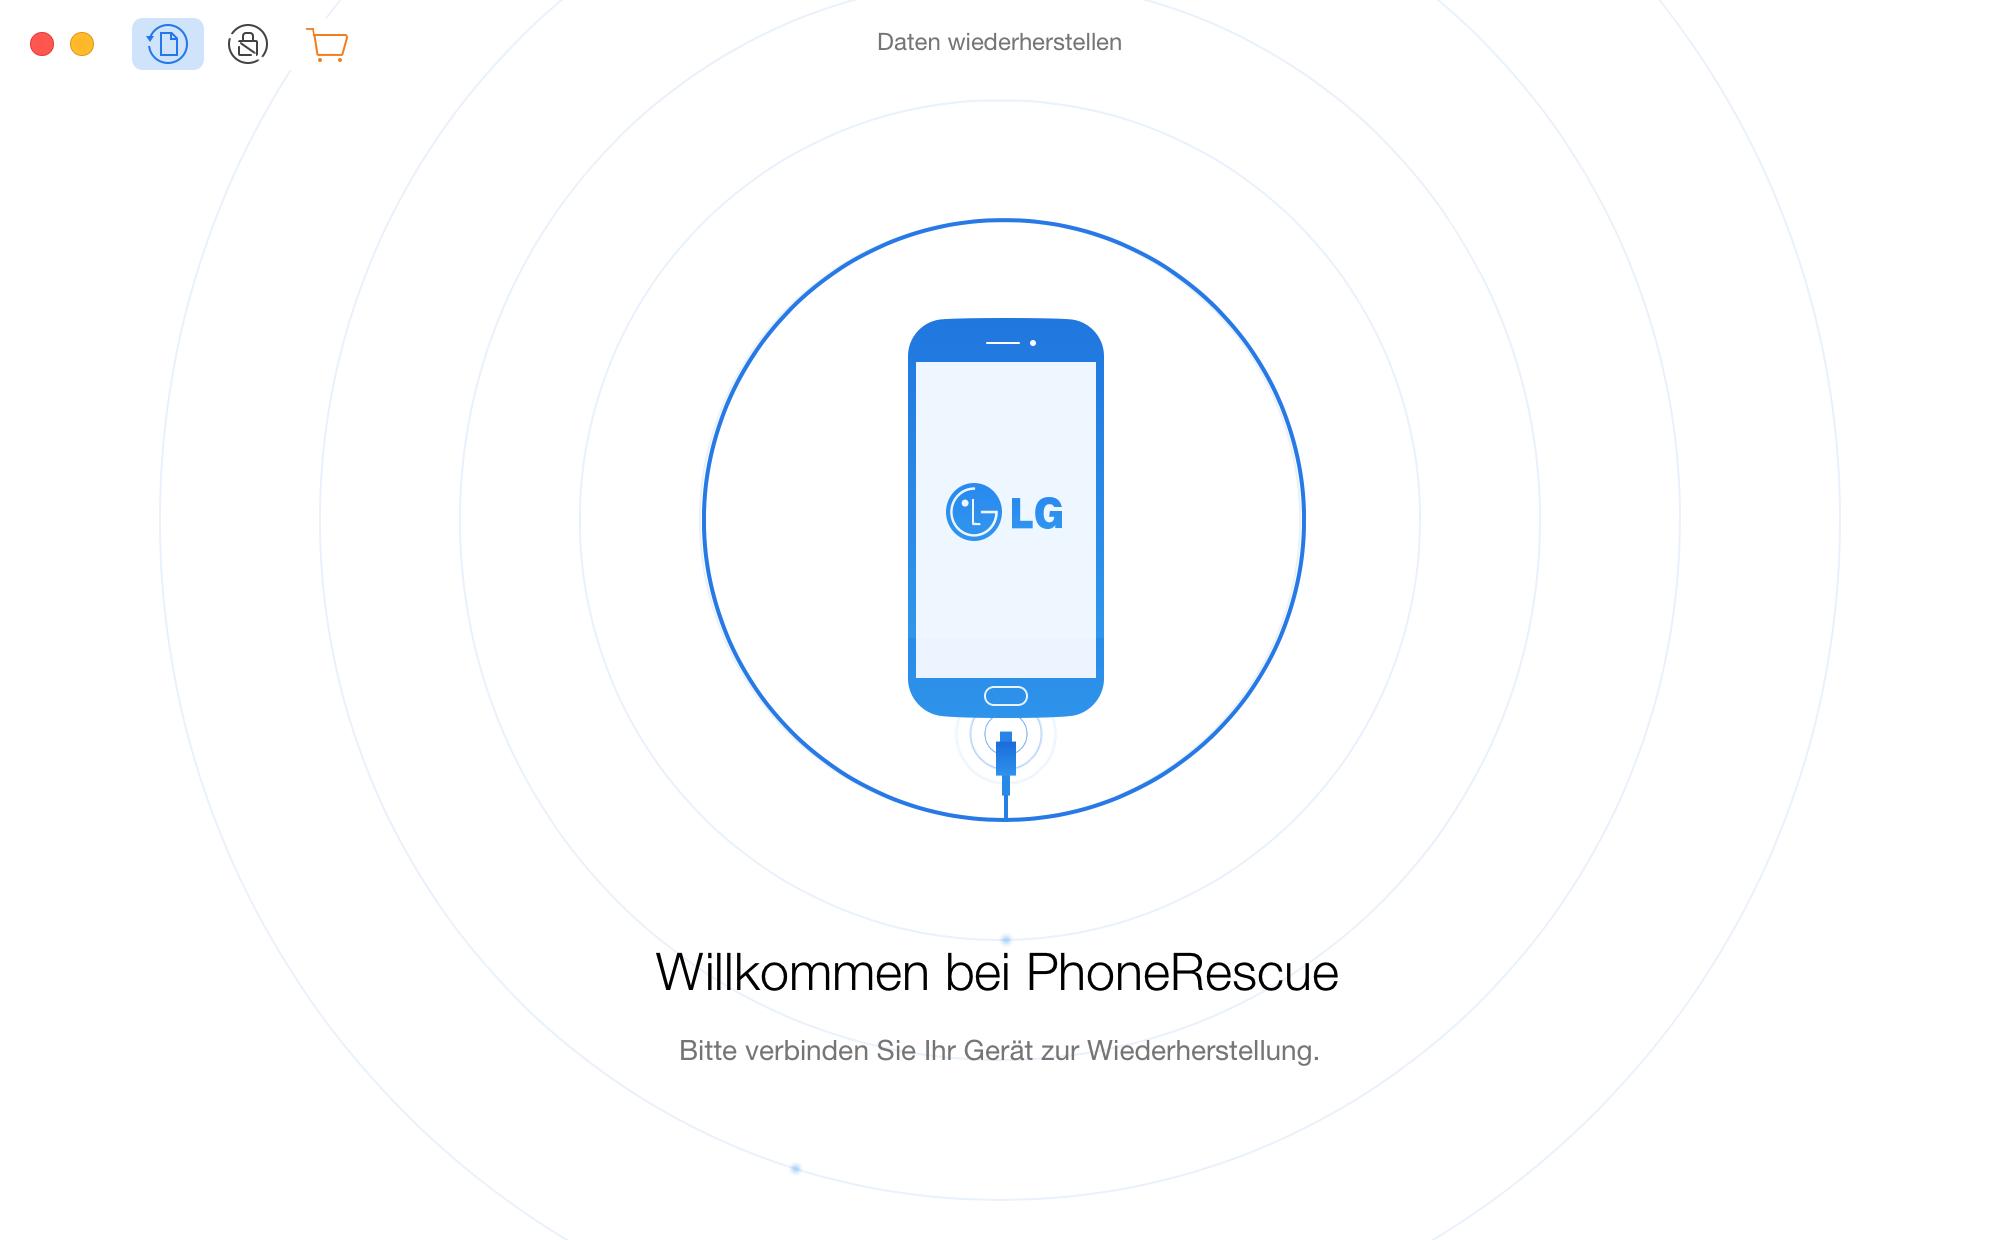 Startfenster von PhoneRescue für LG